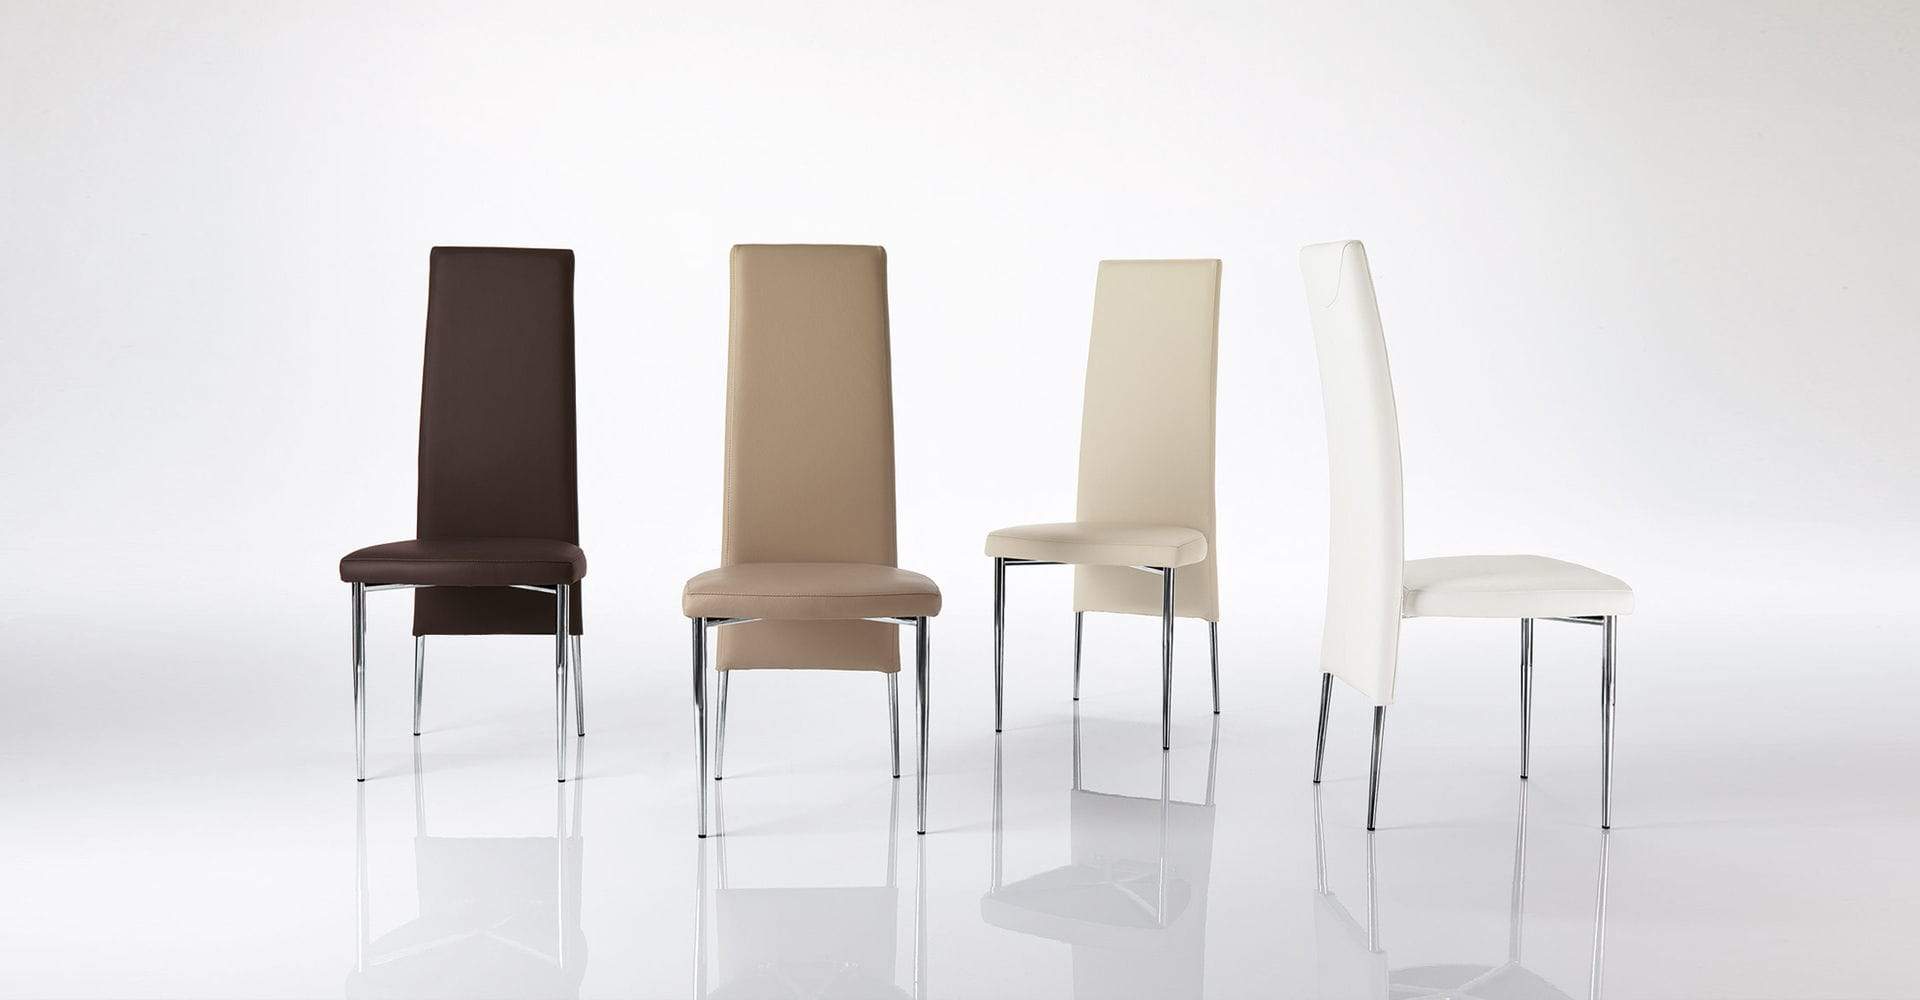 Sedia moderna imbottita con schienale alto in acciaio